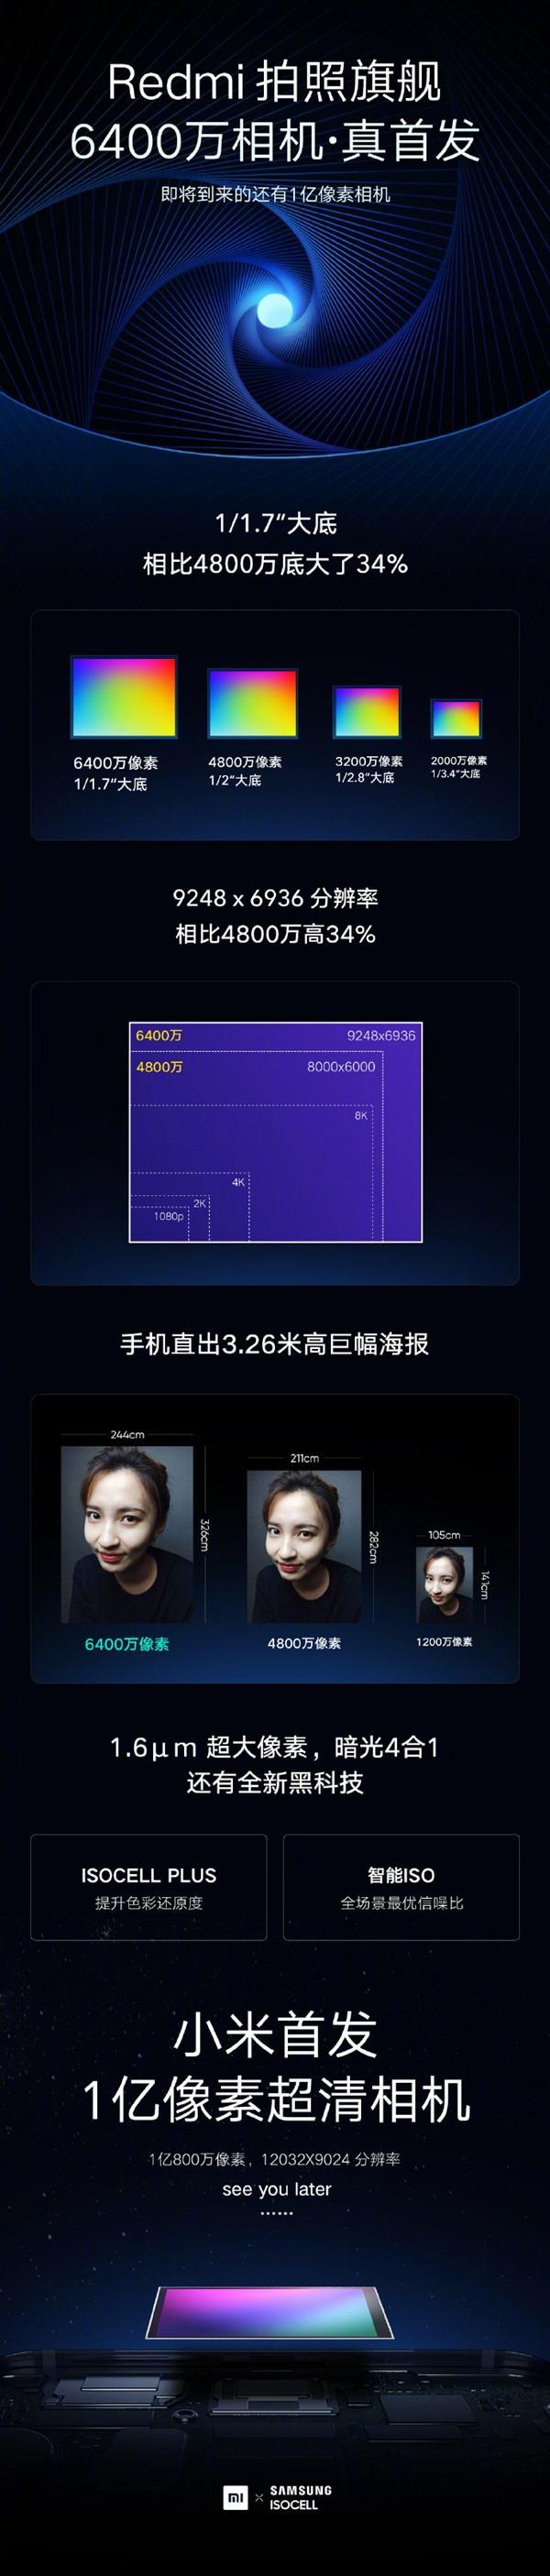 6400万/1亿像素双首发!小米宣布首发1亿像素相机